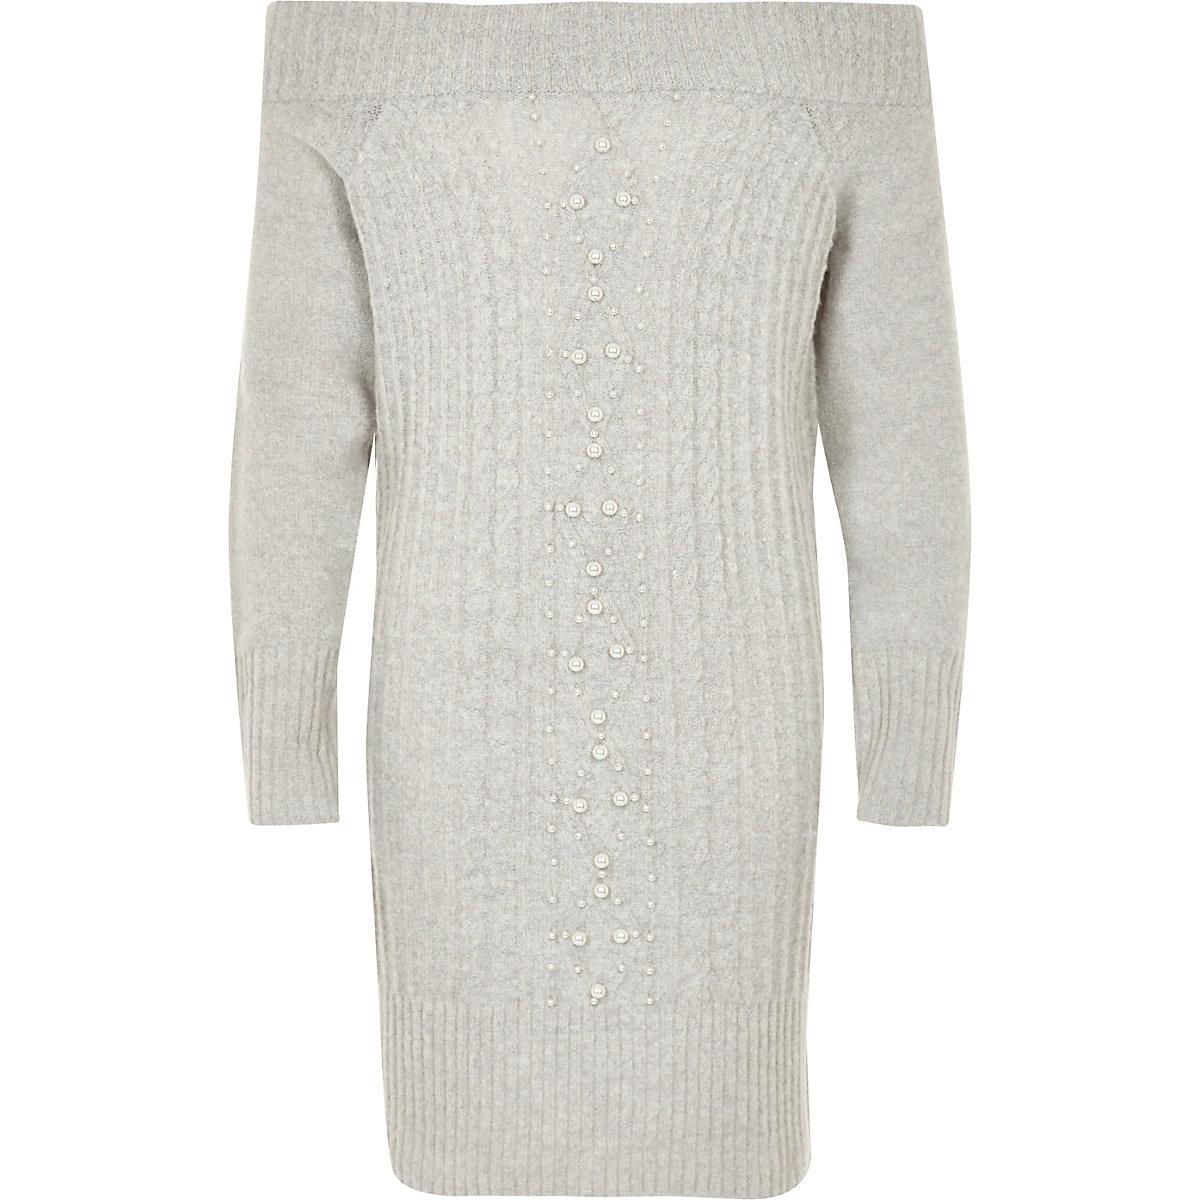 Girls grey knit pearl bardot jumper dress